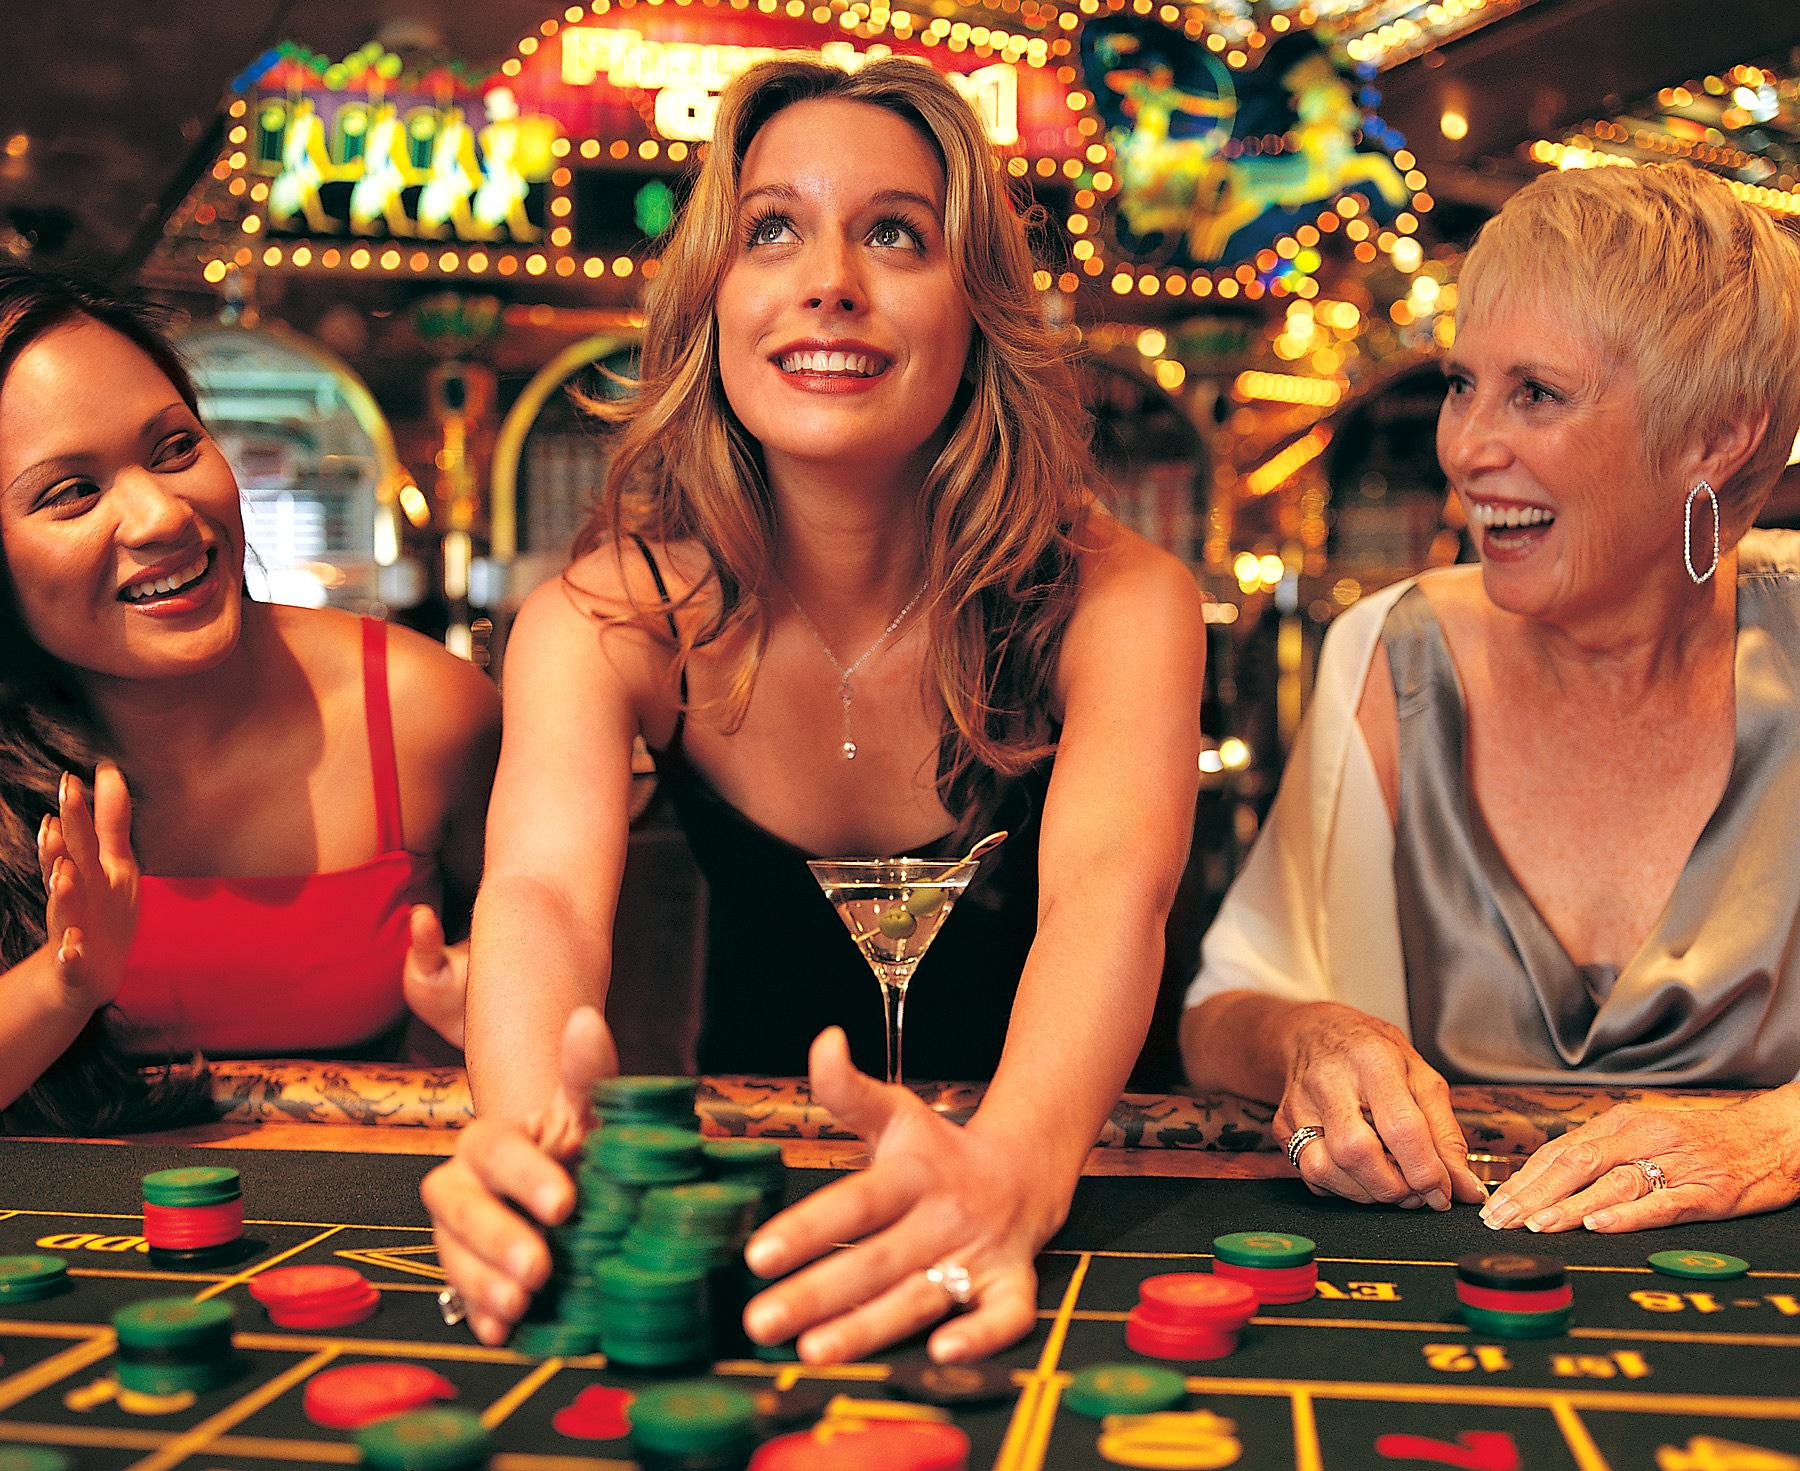 Об играх в виртуальных клубах